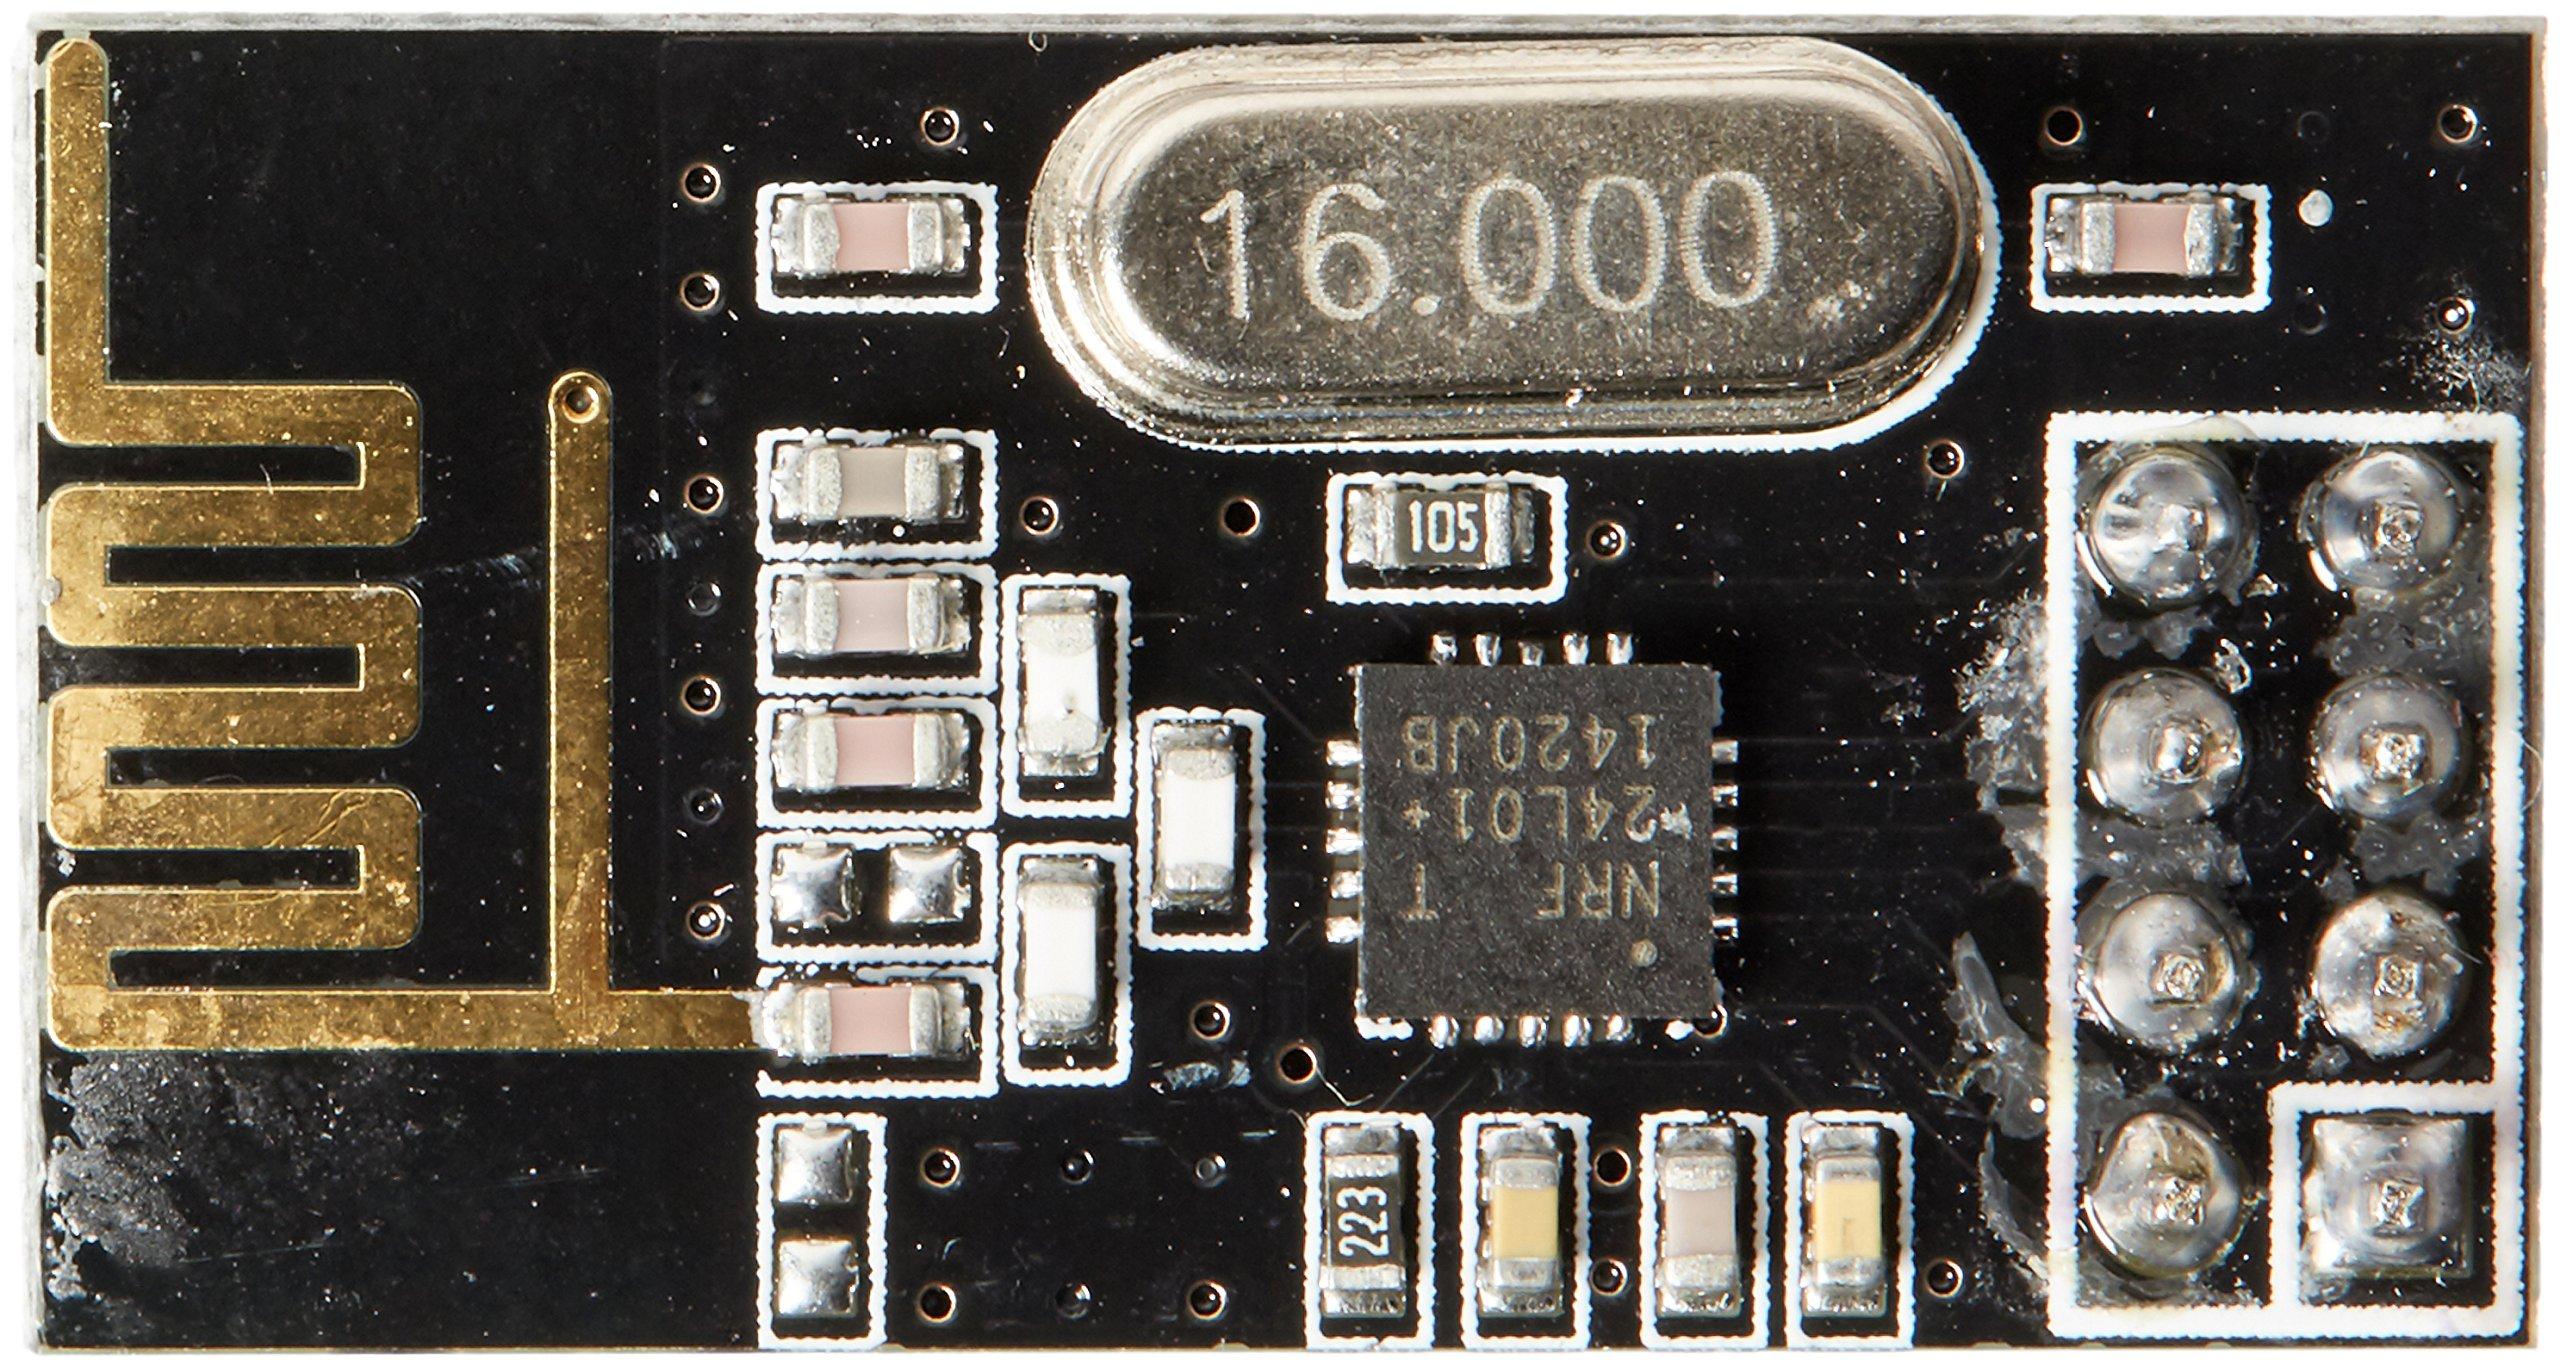 Cheap Nrf24l01 Arduino, find Nrf24l01 Arduino deals on line at